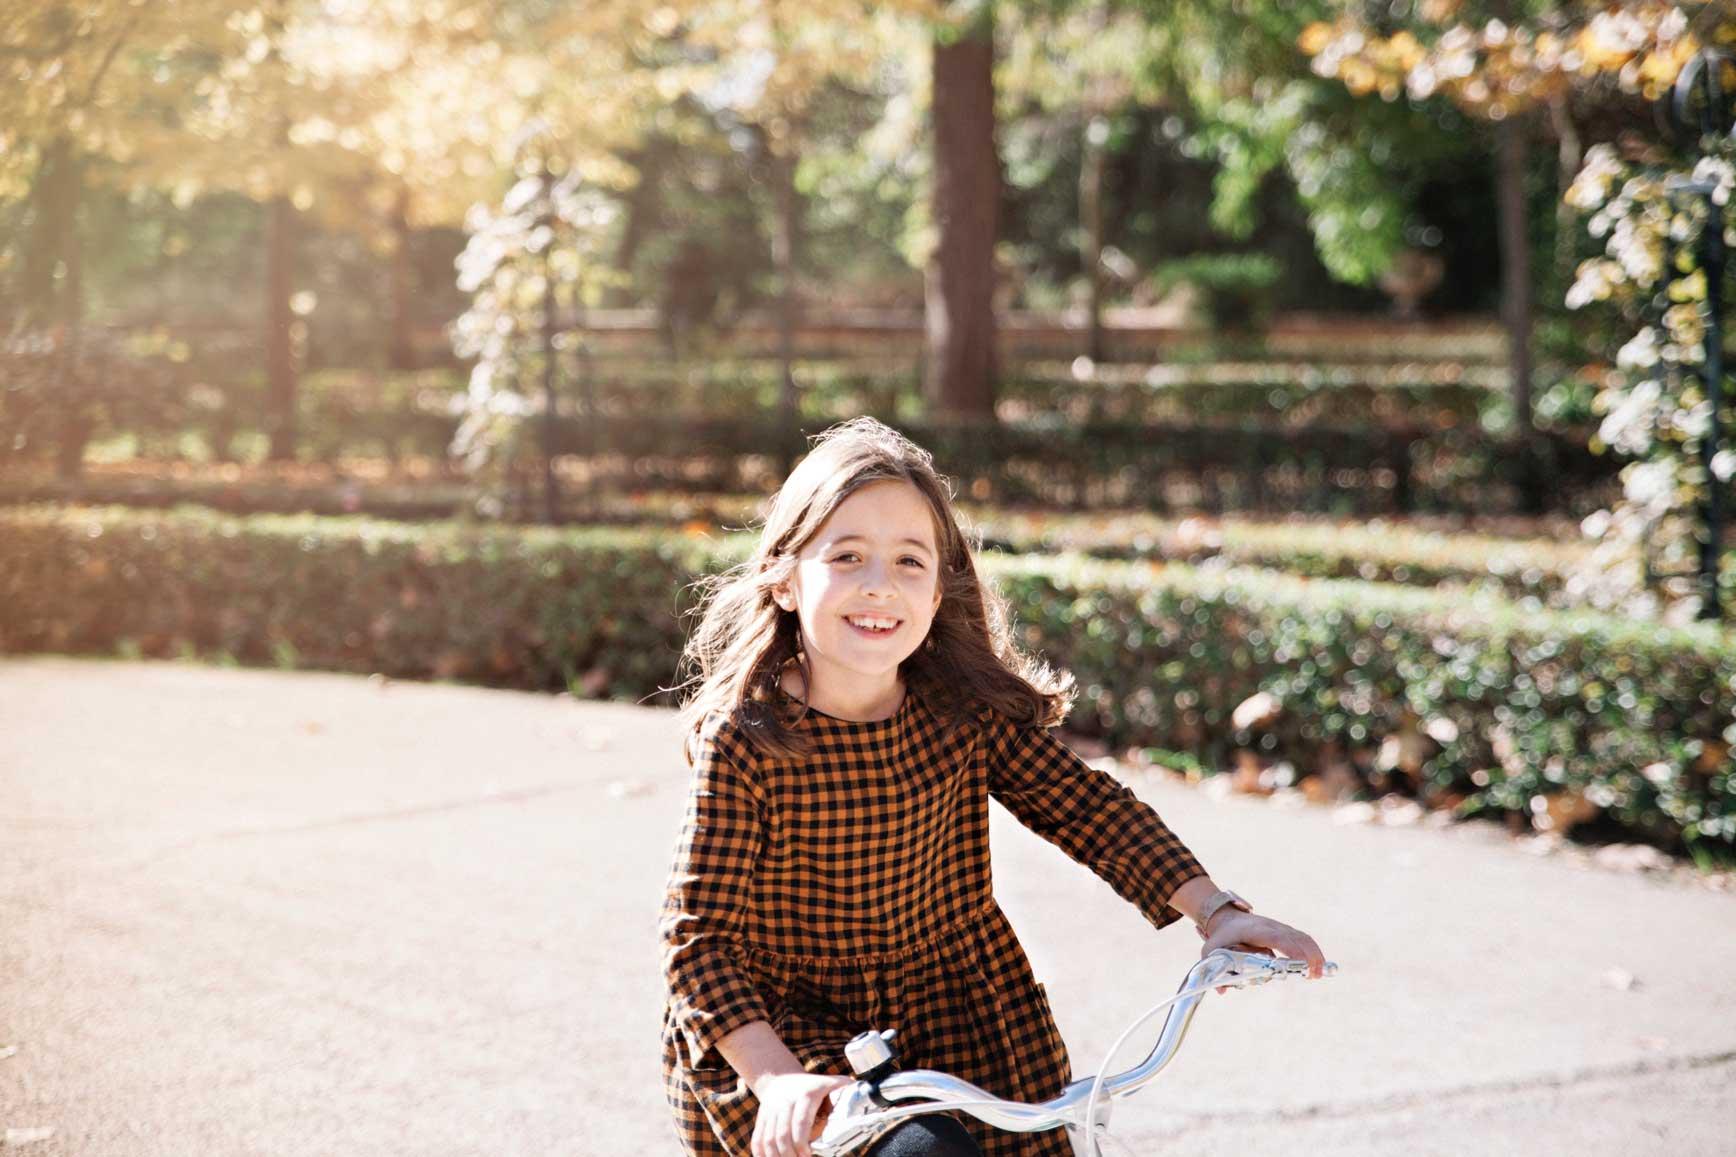 Historias de bicicleta-claraBmartin-12